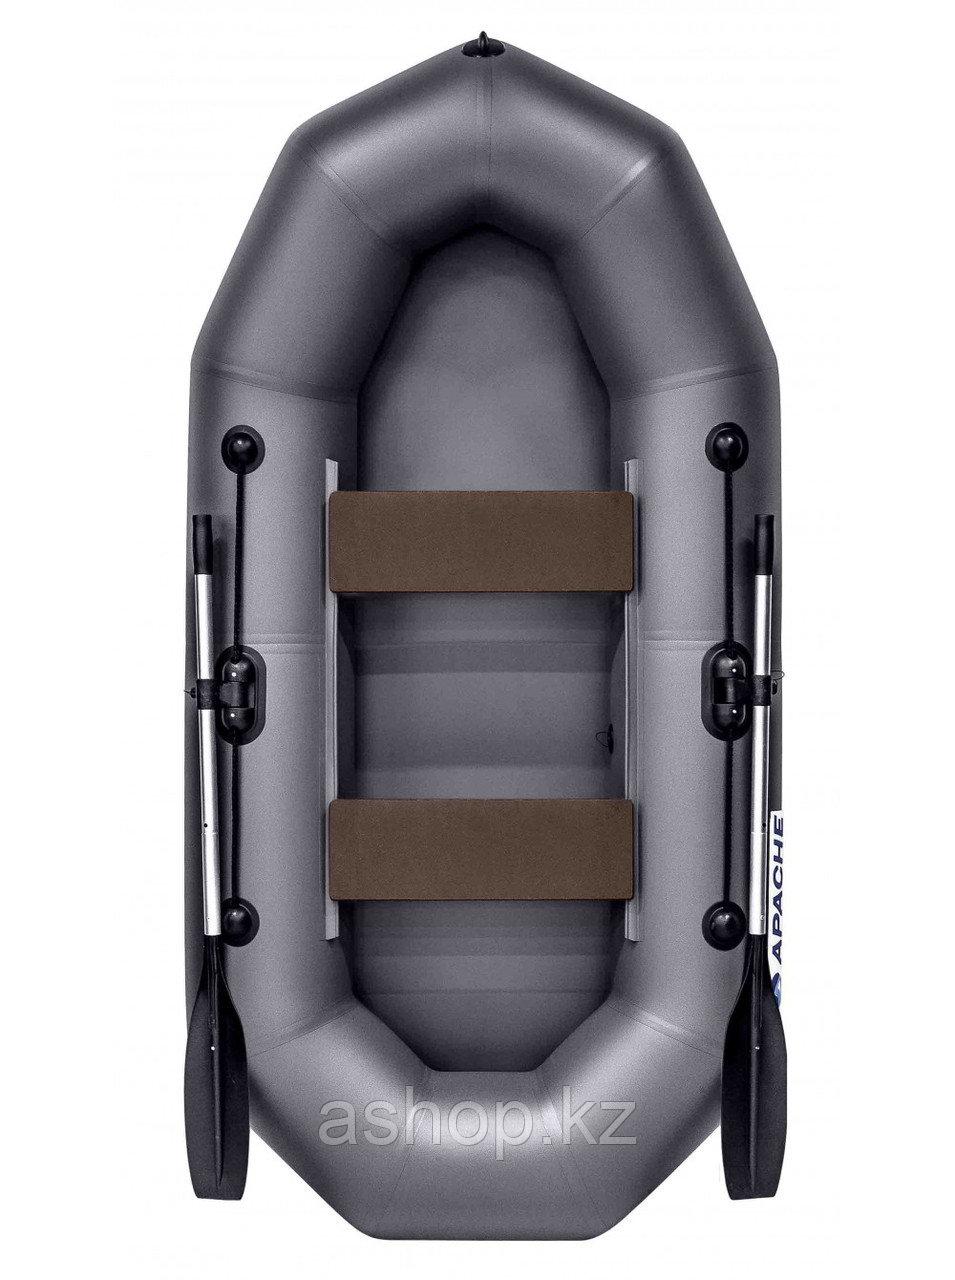 Лодка гребная надувная плоскодонная Apache  260, Грузоподъемность: 220кг, Вместимость: 2 чел., Кол-во отсеков: